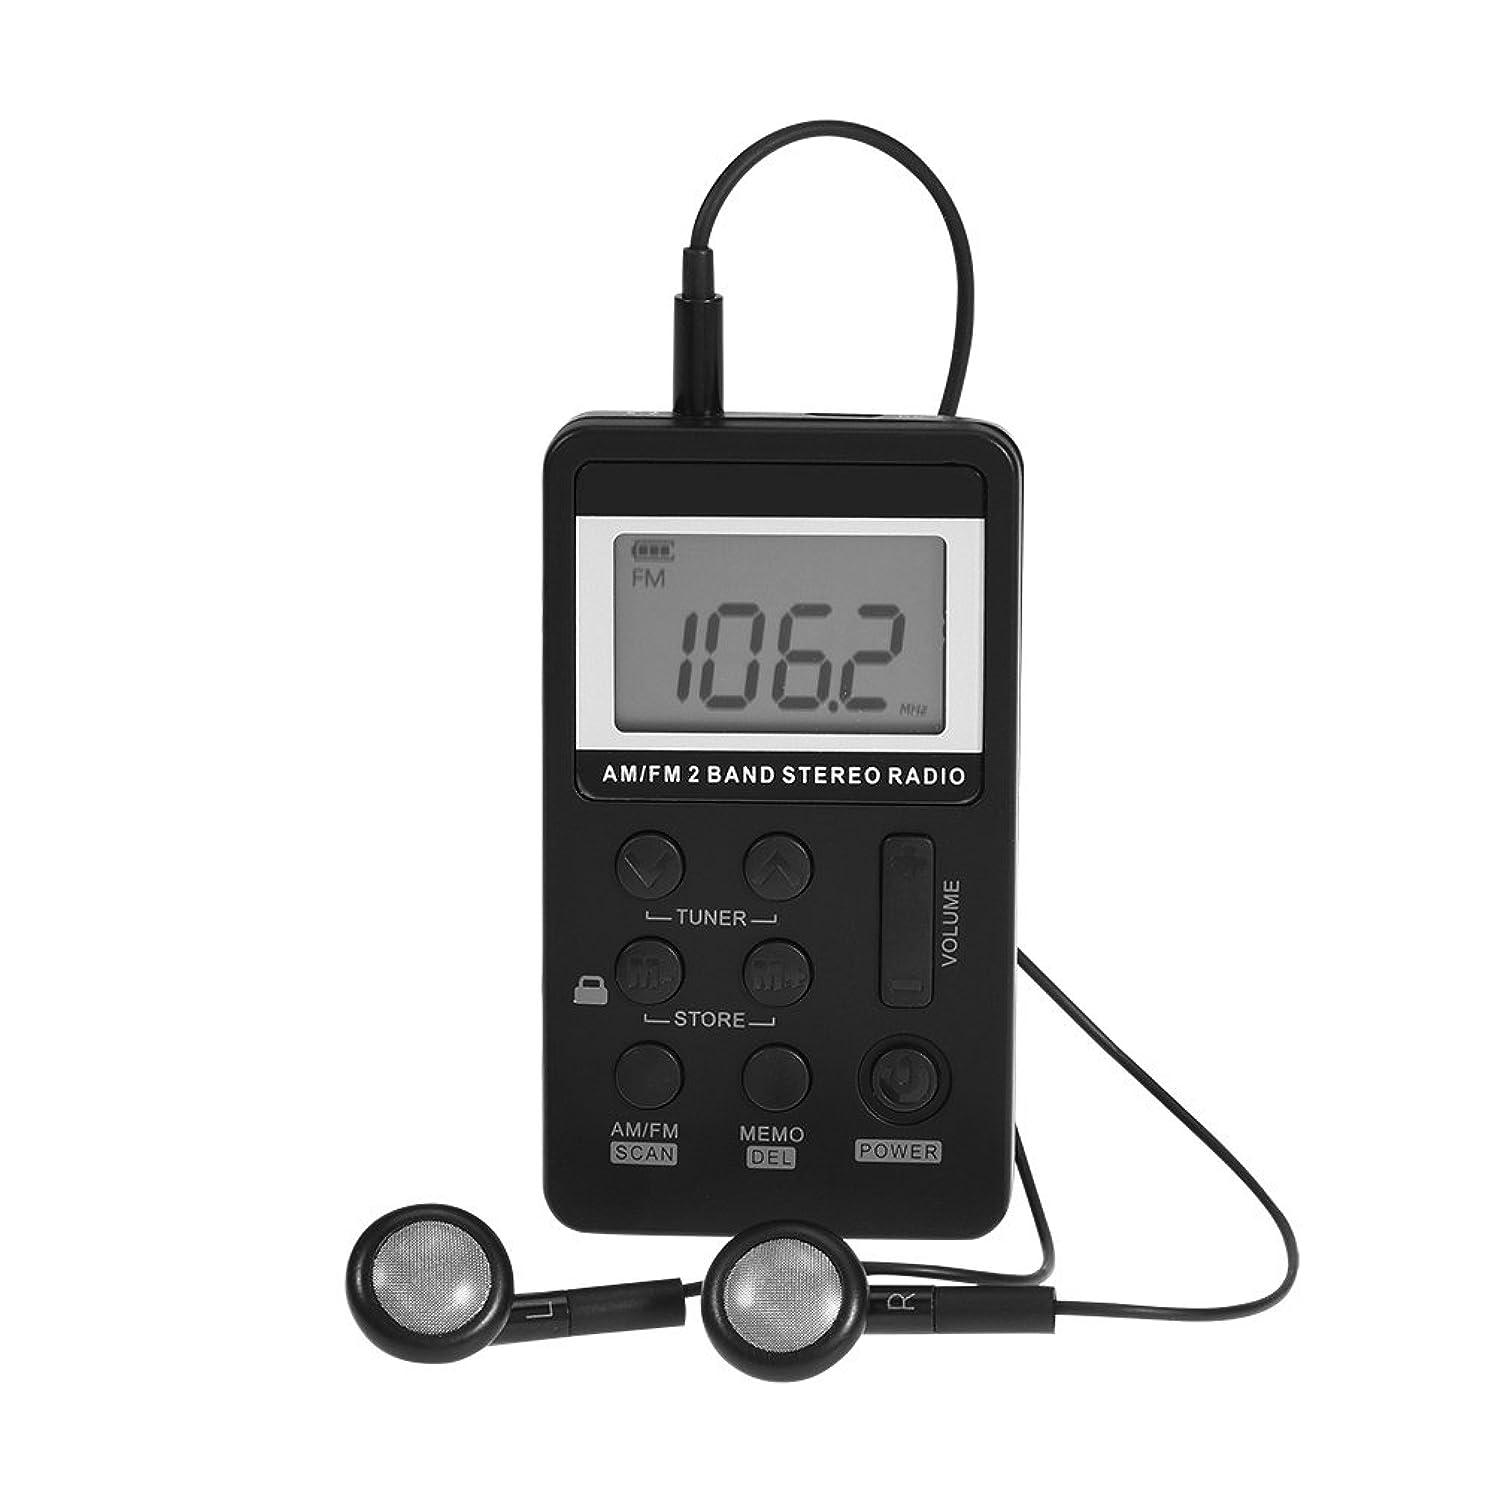 販売計画傑作悲劇的なAcogedor ミニFM/AMラジオ  ポータブルラジオ LCD数字ディスプレイ 充電式 イヤホン付き 高齢者と子供も簡単に使用できる ブラック